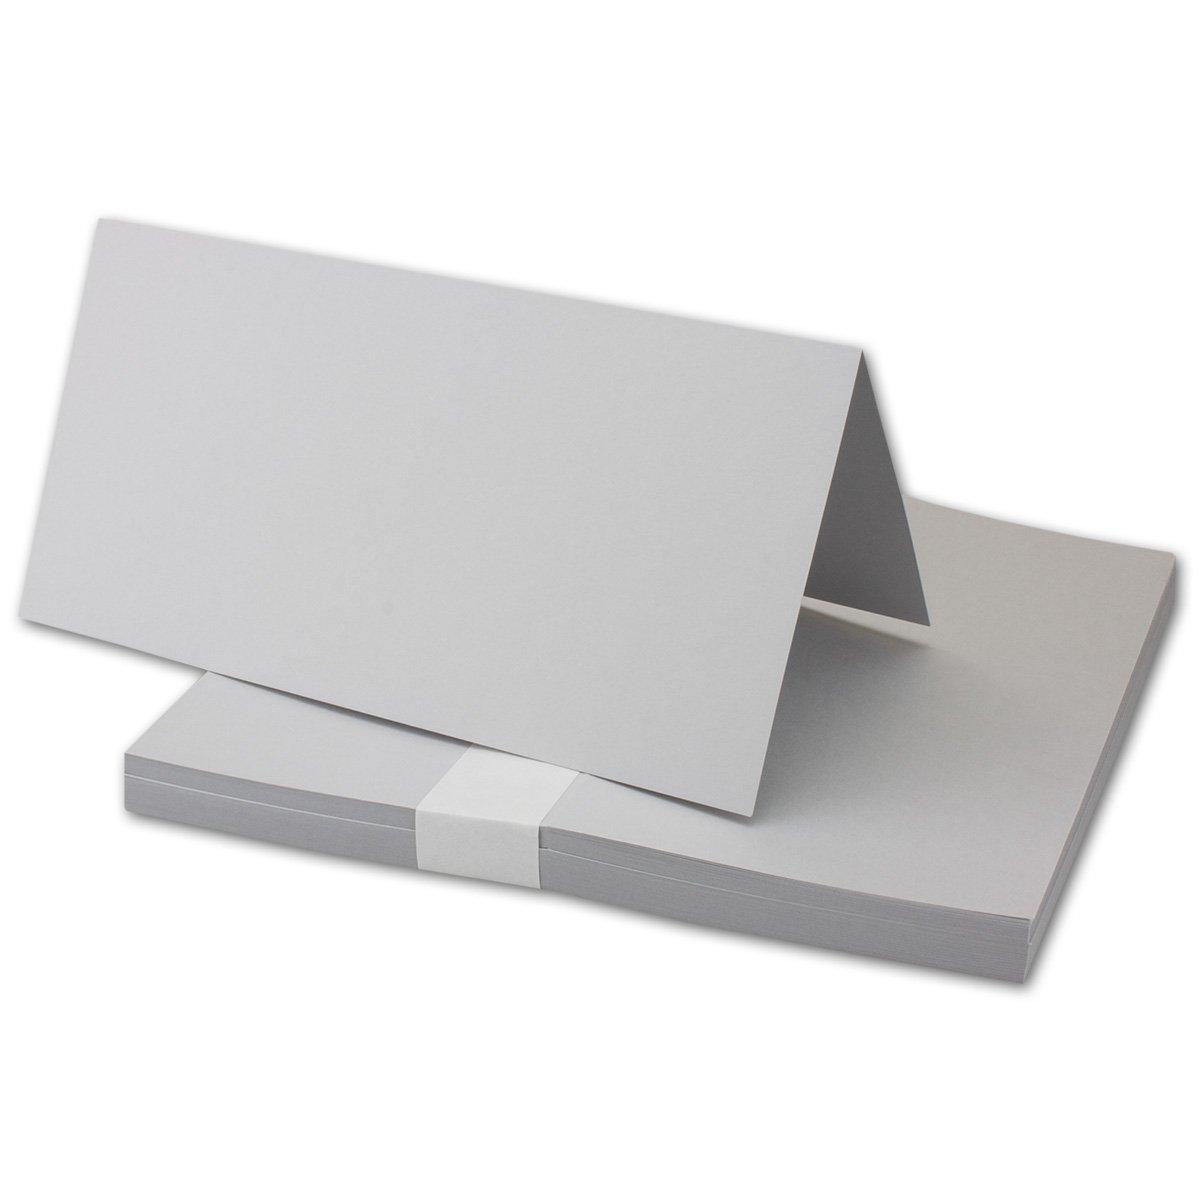 700 Faltkarten Din Lang - Hellgrau - Premium Qualität - 10,5 x 21 cm - Sehr formstabil - für Drucker Geeignet  - Qualitätsmarke  NEUSER FarbenFroh B07FKWB38M | Bevorzugtes Material